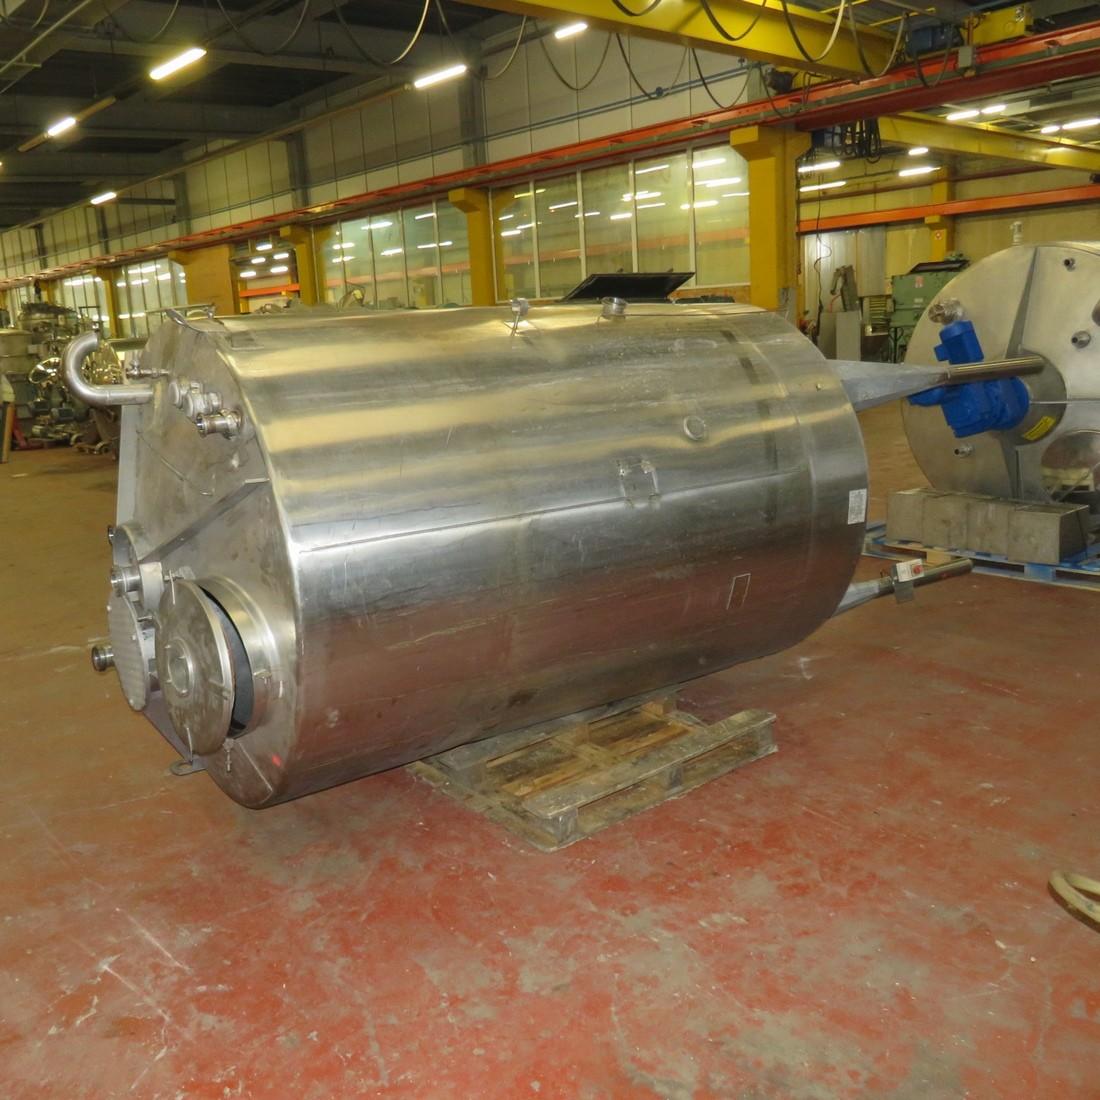 R11DB22641 Stainless steel PIERRE GUERIN tank